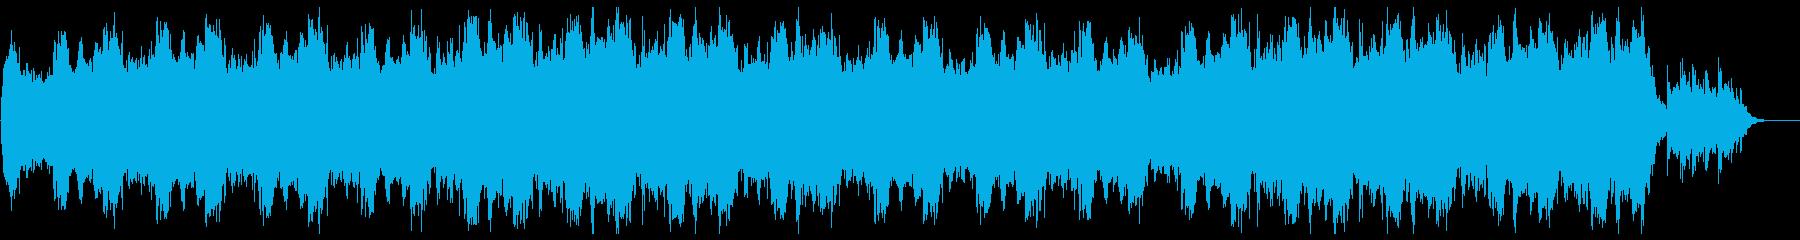 宇宙をイメージするリラクゼーション音楽の再生済みの波形